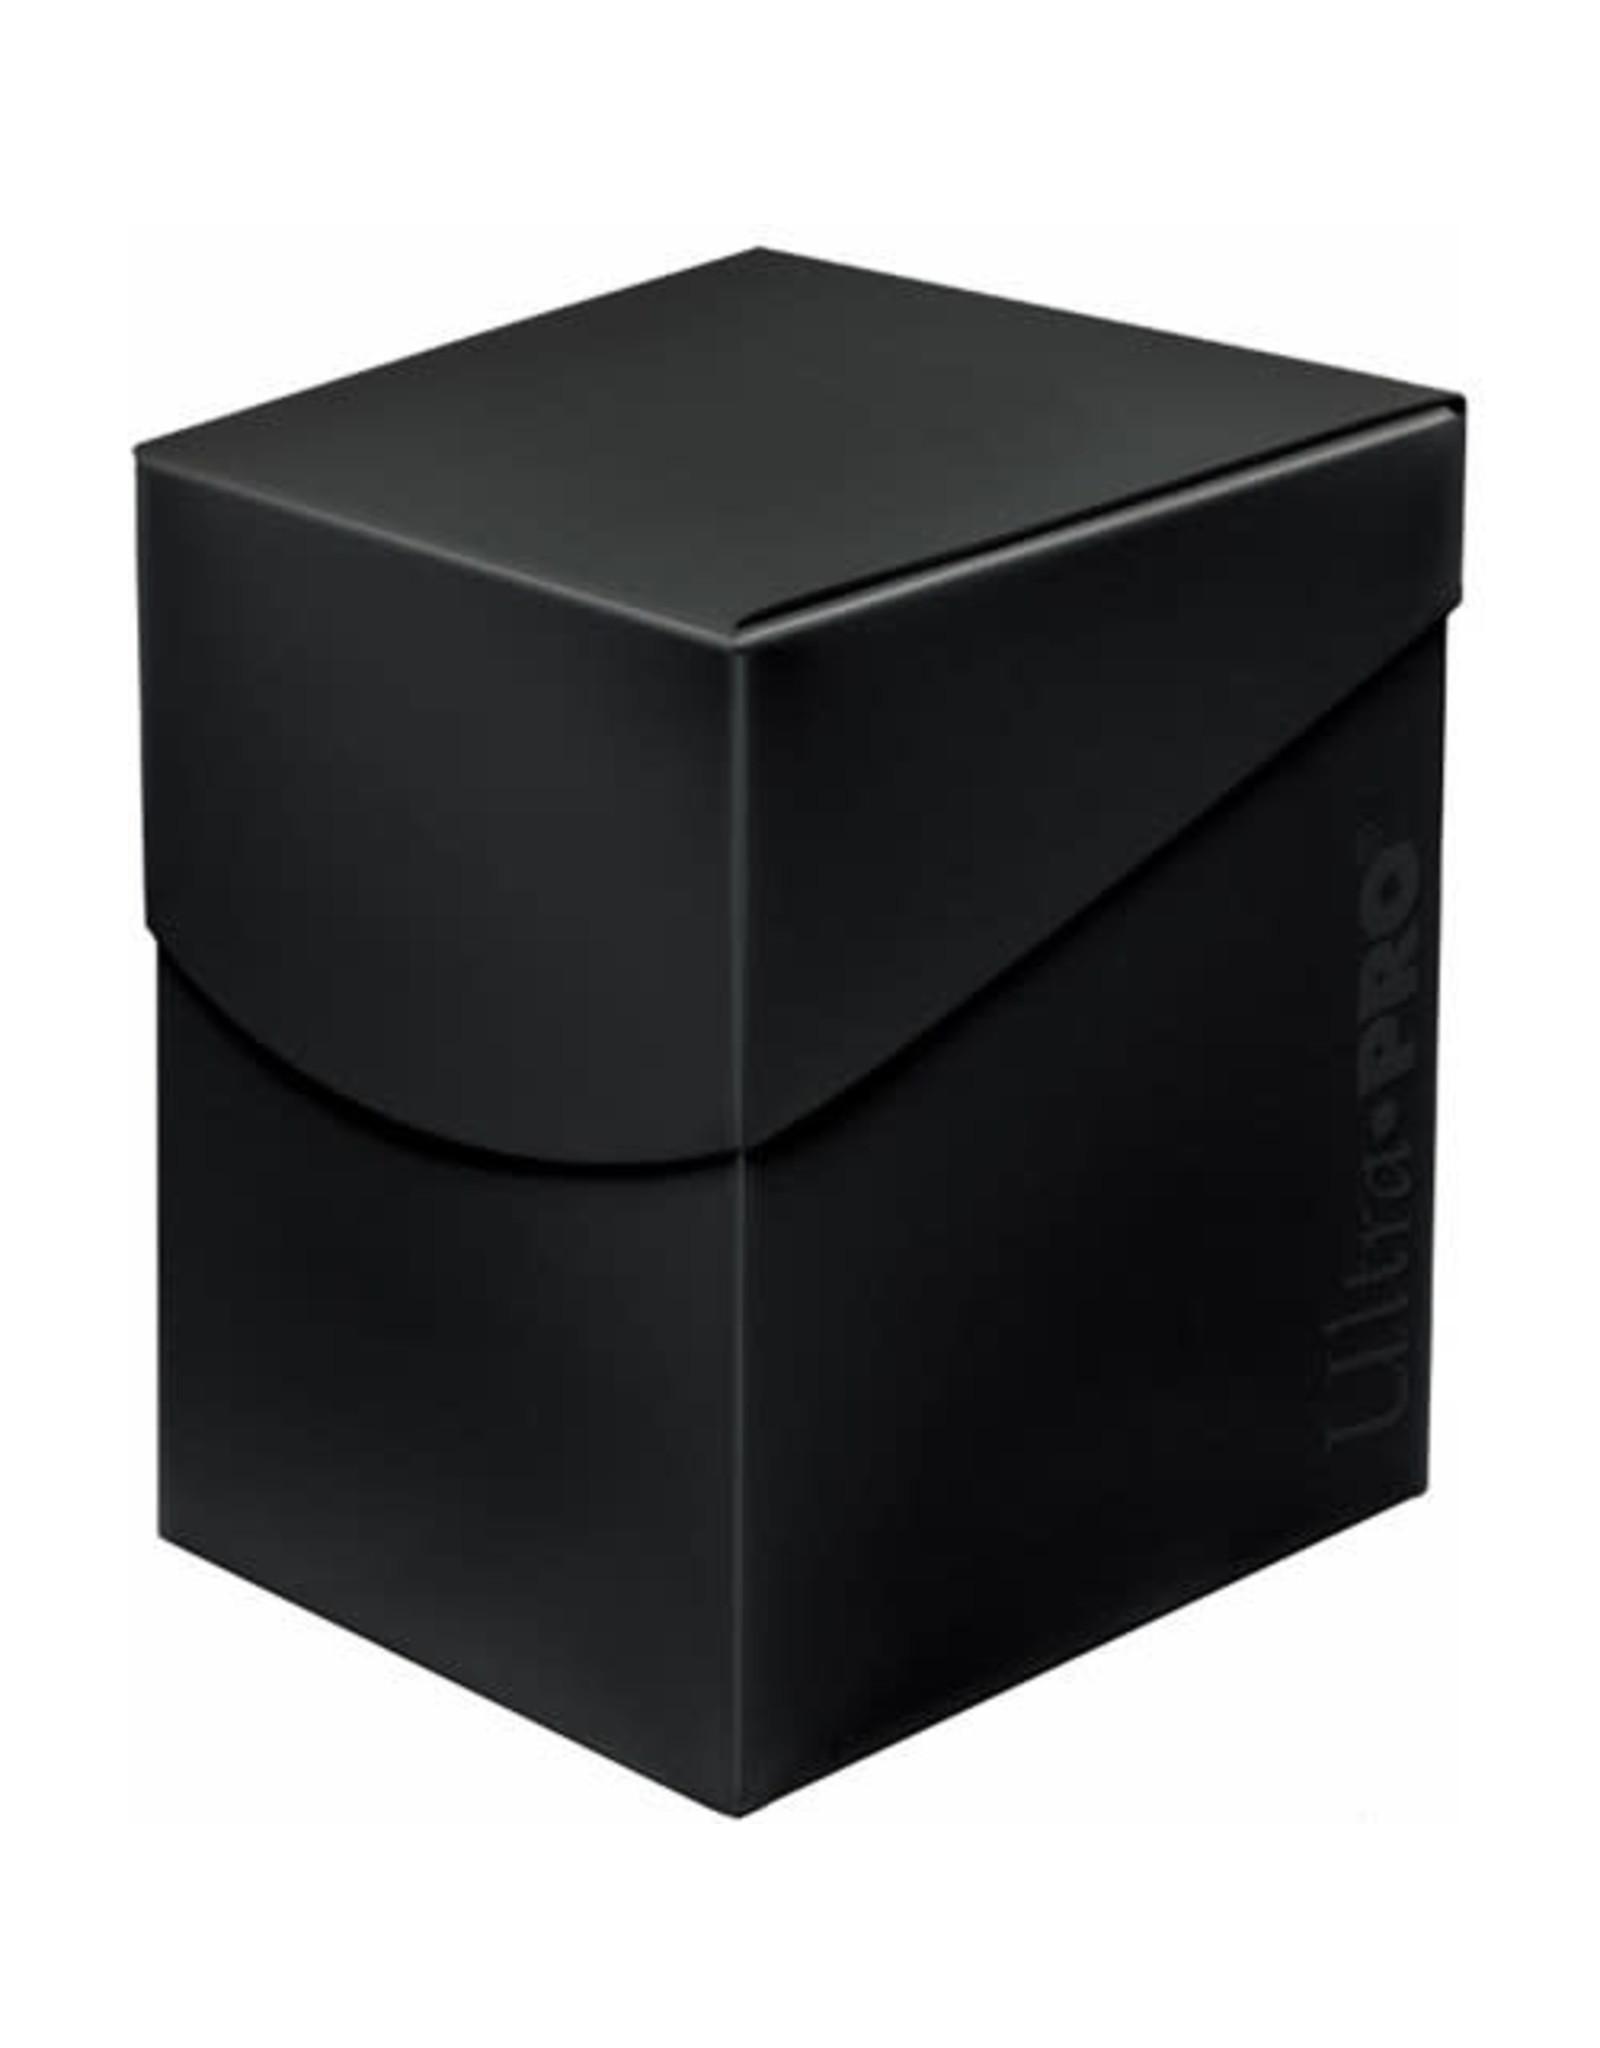 Ultra Pro Pro 100+ Eclipse Deck Box Jet Black